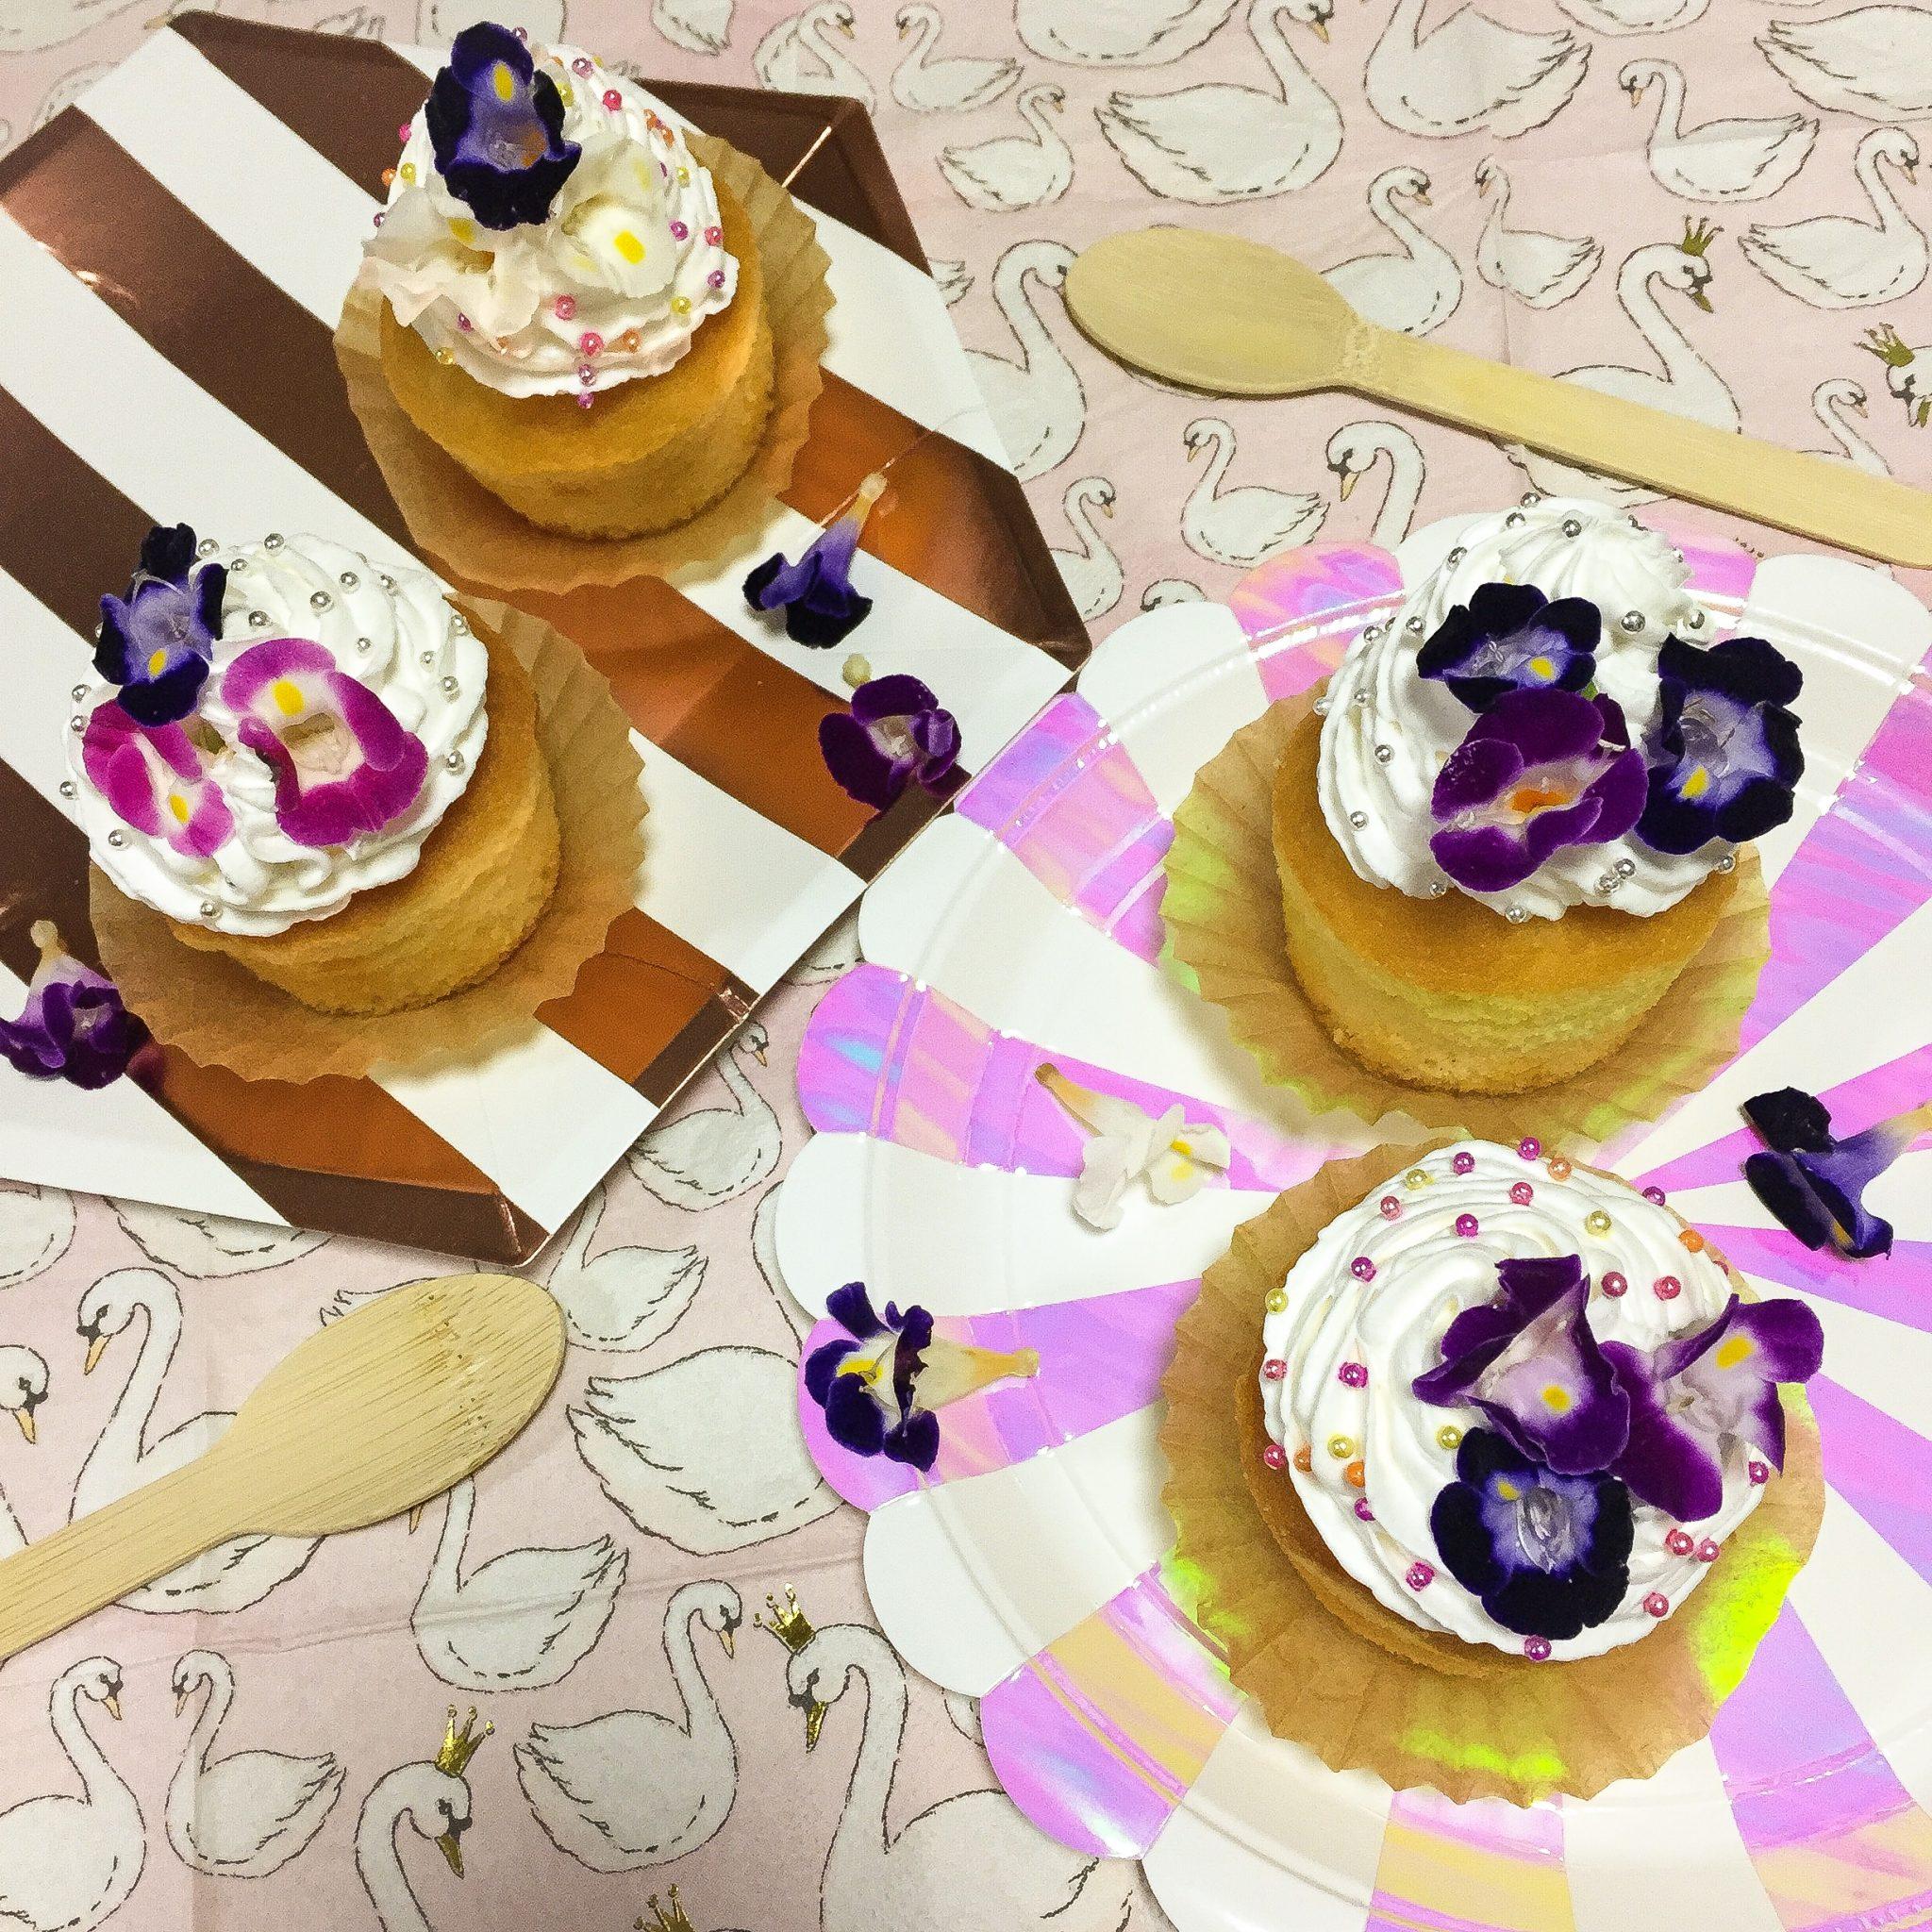 ホームパーティーにおすすめのグッズと食べれるお花 #エディブルフラワー ♡